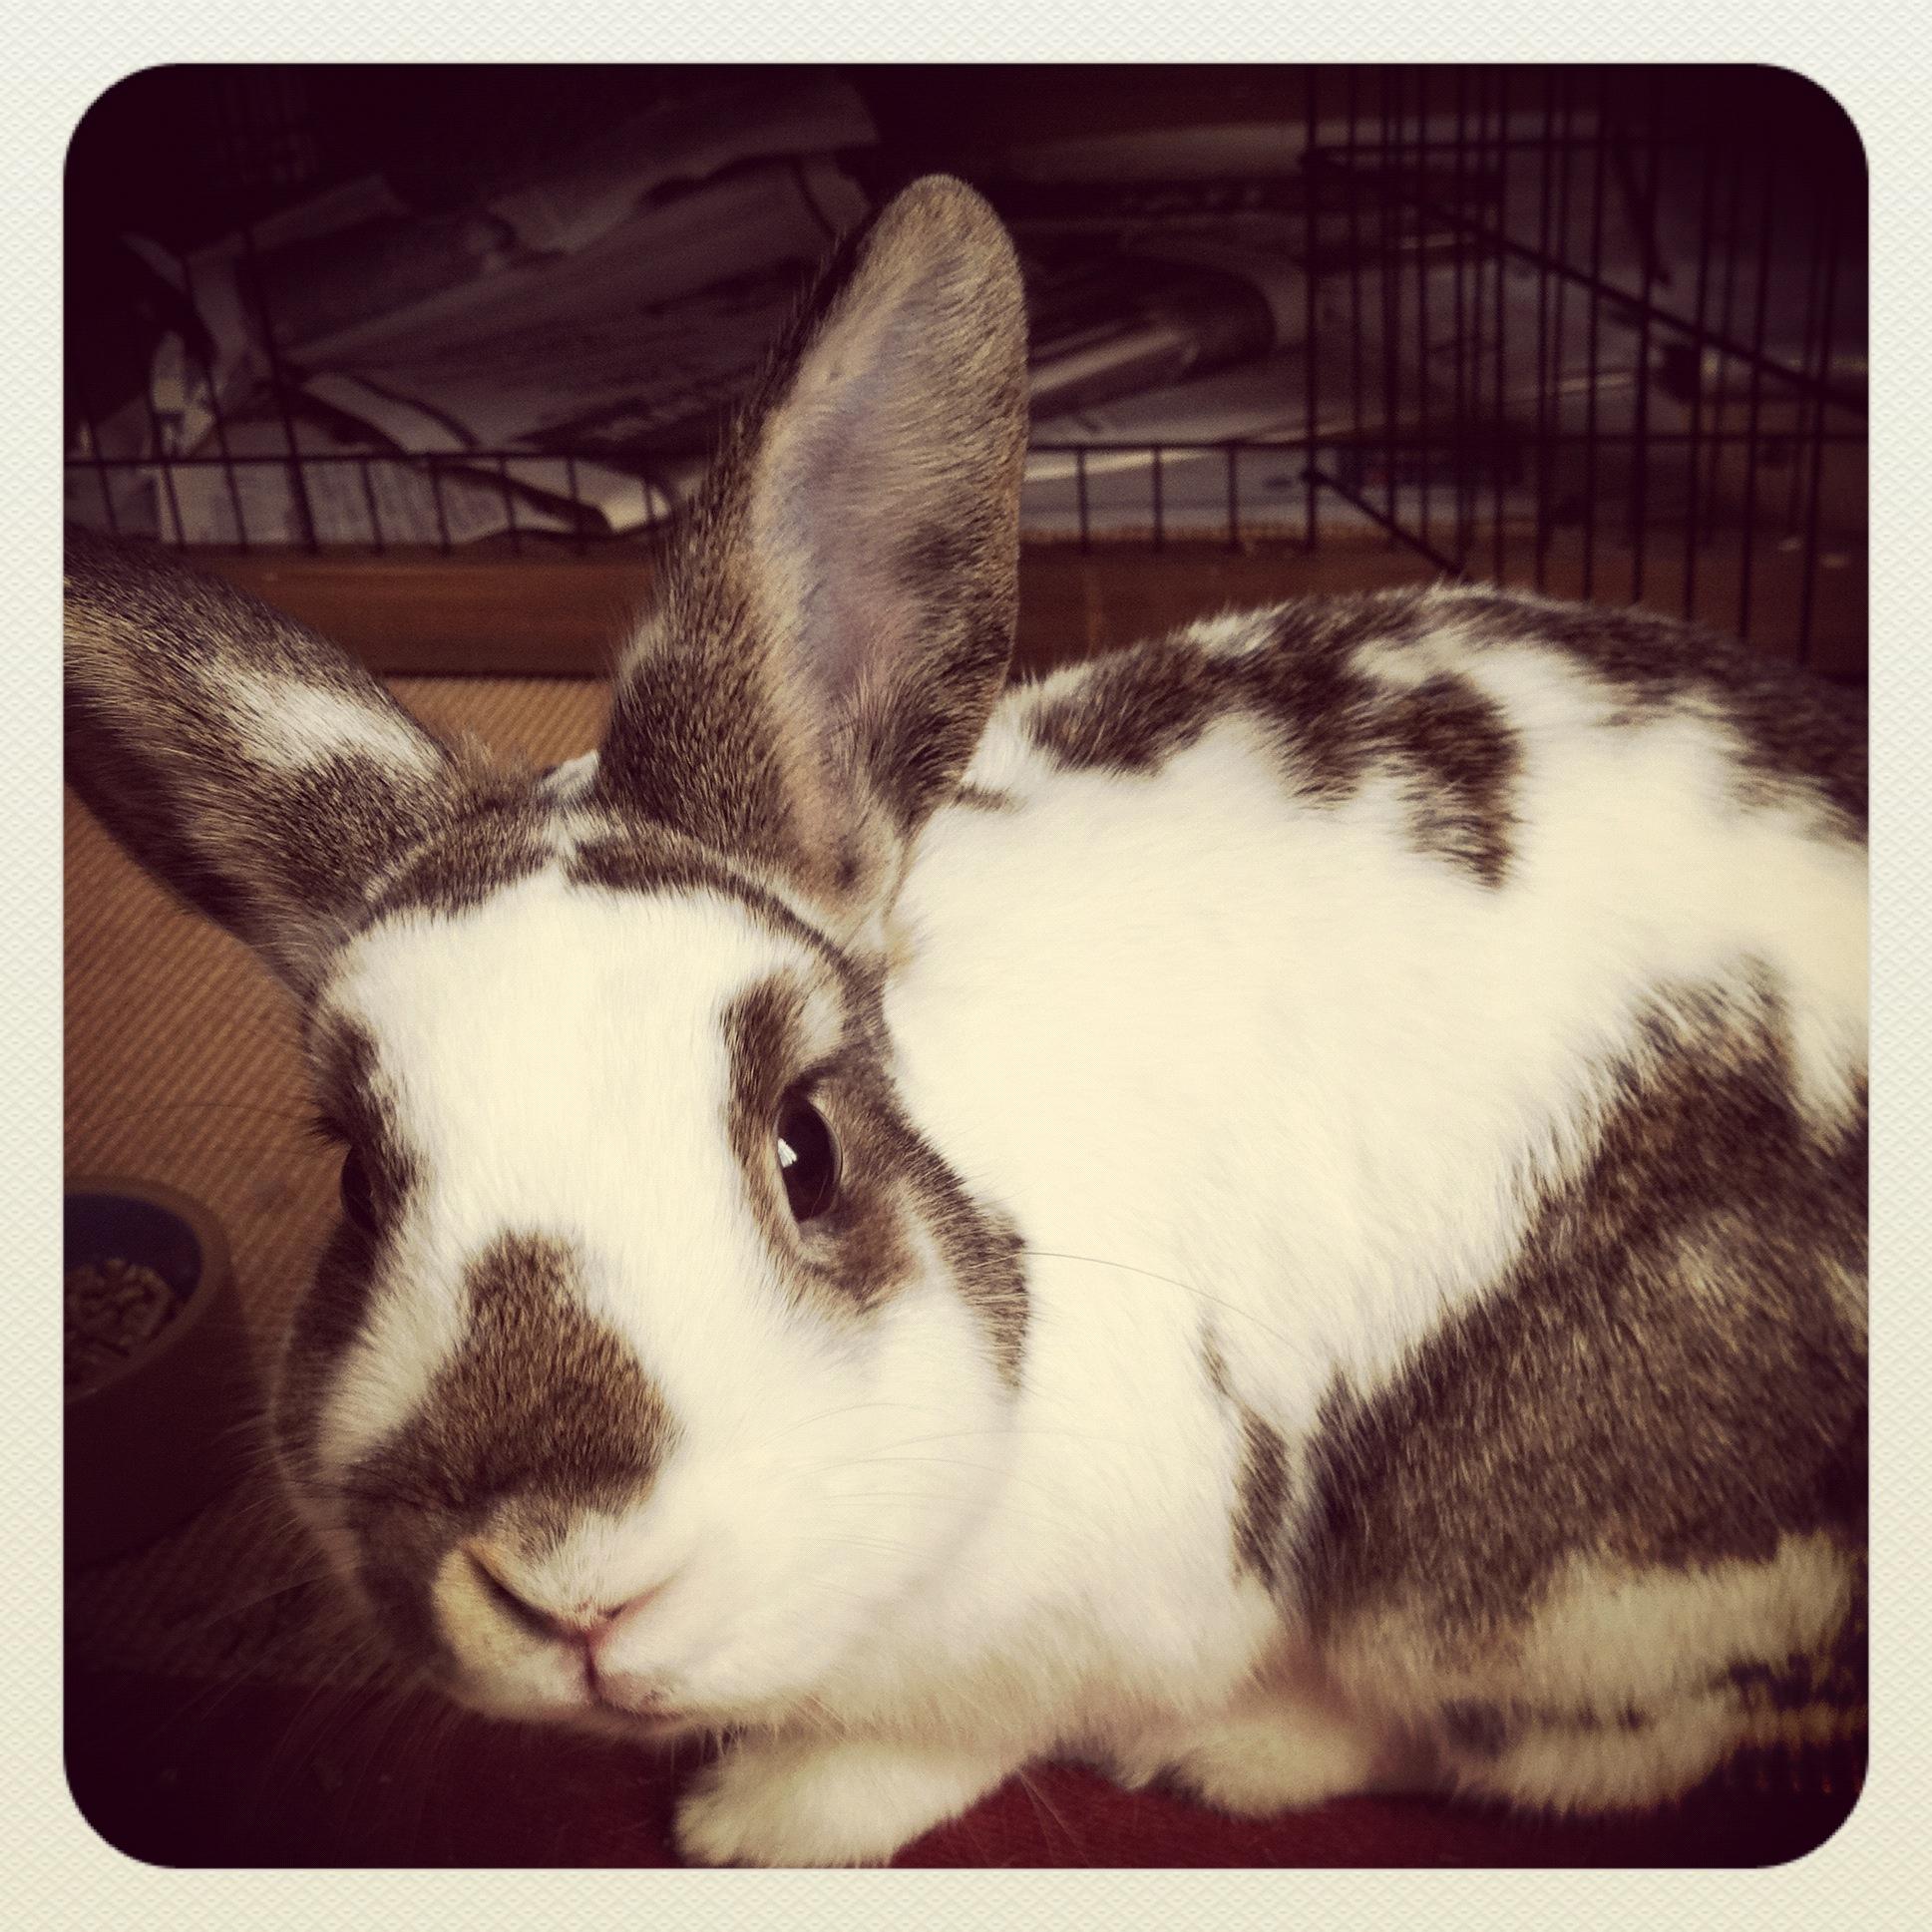 BoBo the Bunny Says Hello